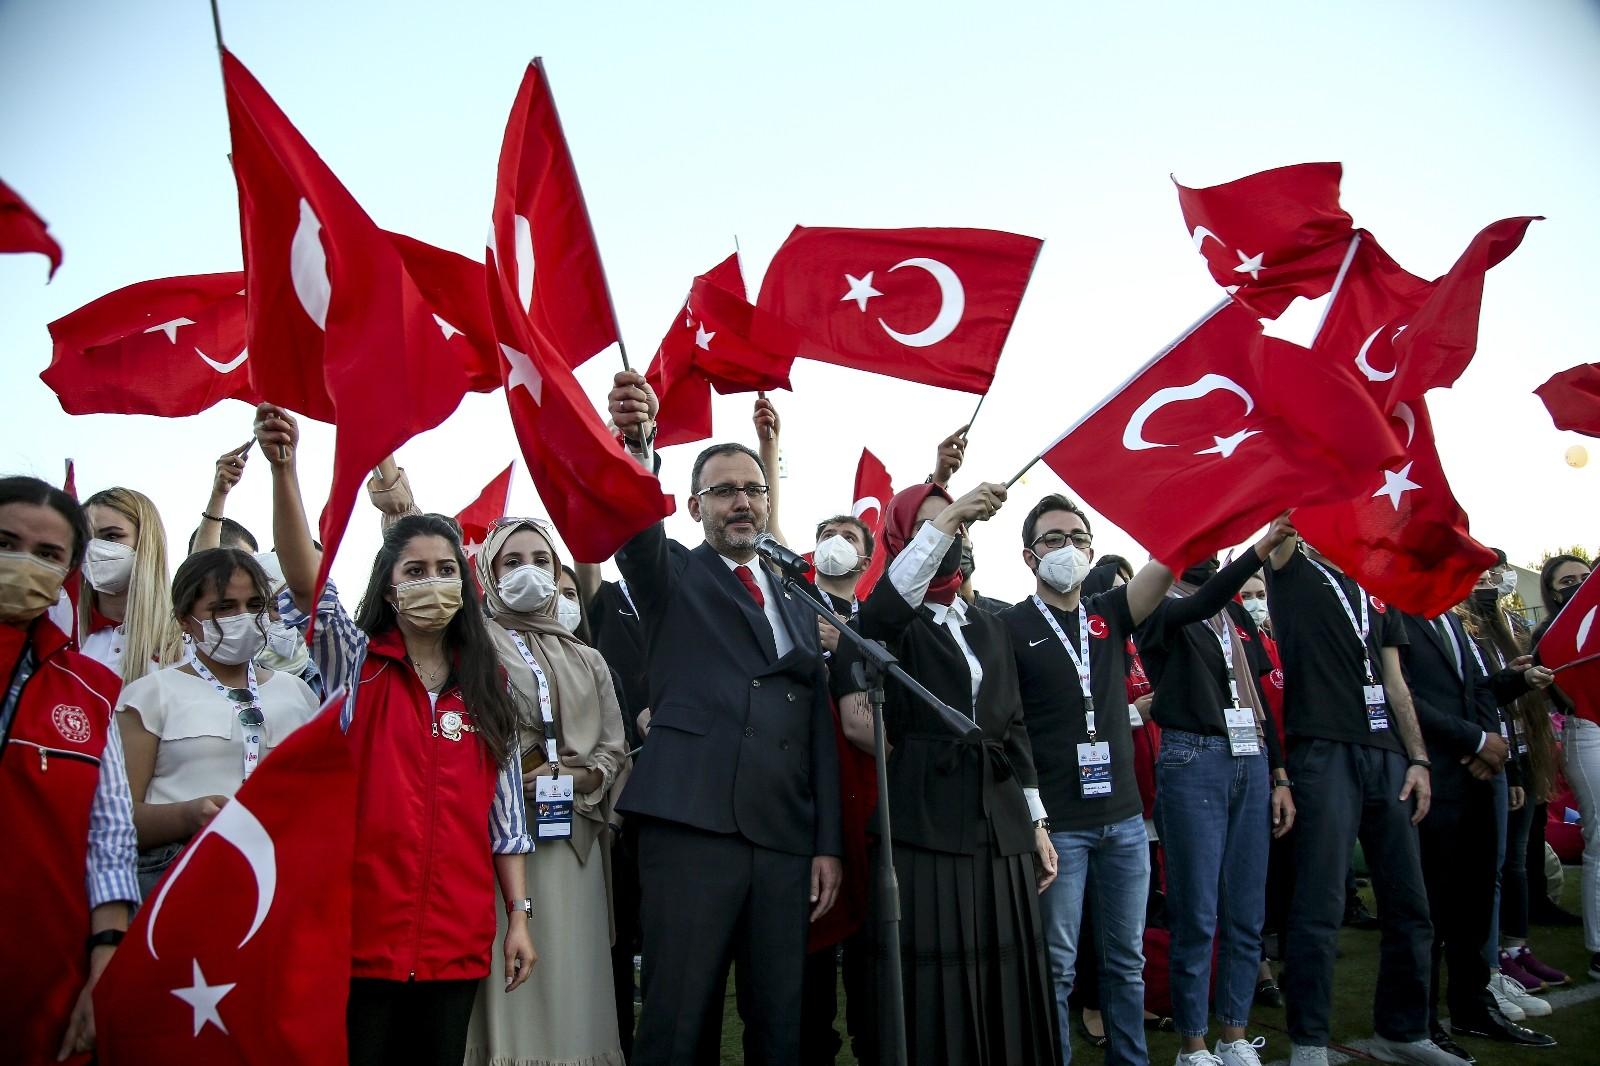 Bakan Kasapoğlu, gençler ile bir araya gelerek İstiklal Marşı'nı okudu